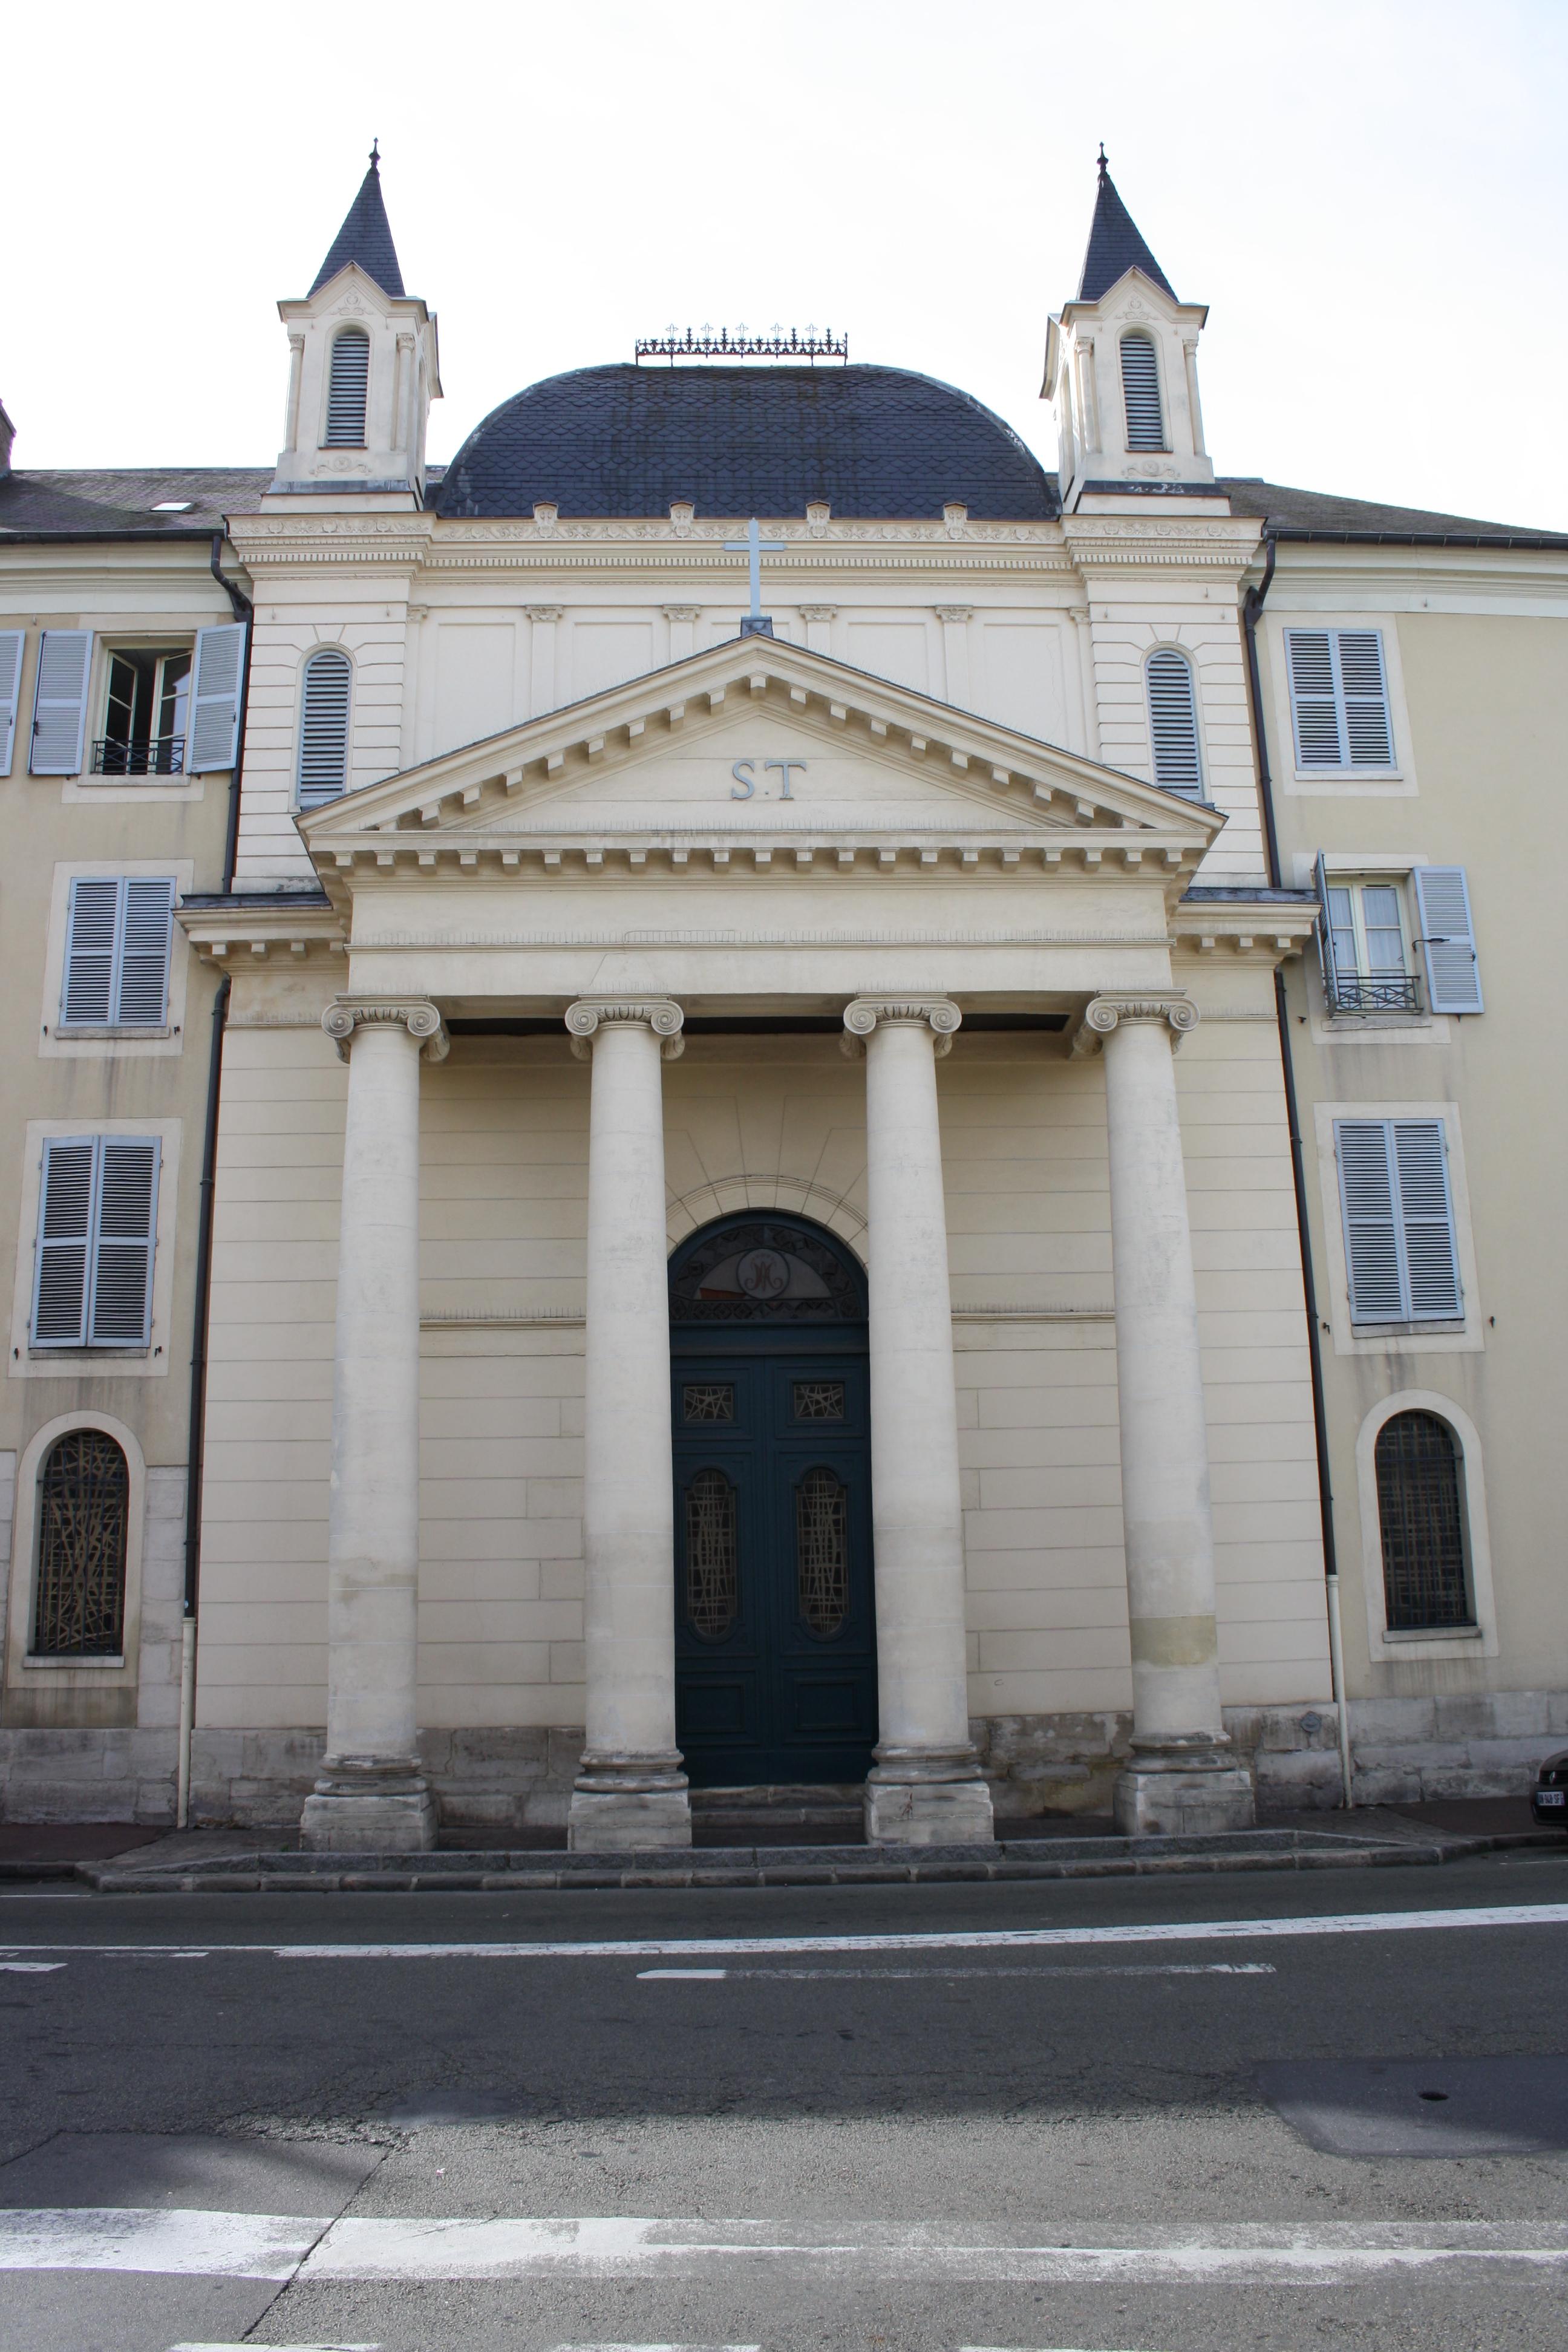 Chapelle du couvent des Dames-de-Saint-Thomas Saint-Germain-en-Laye